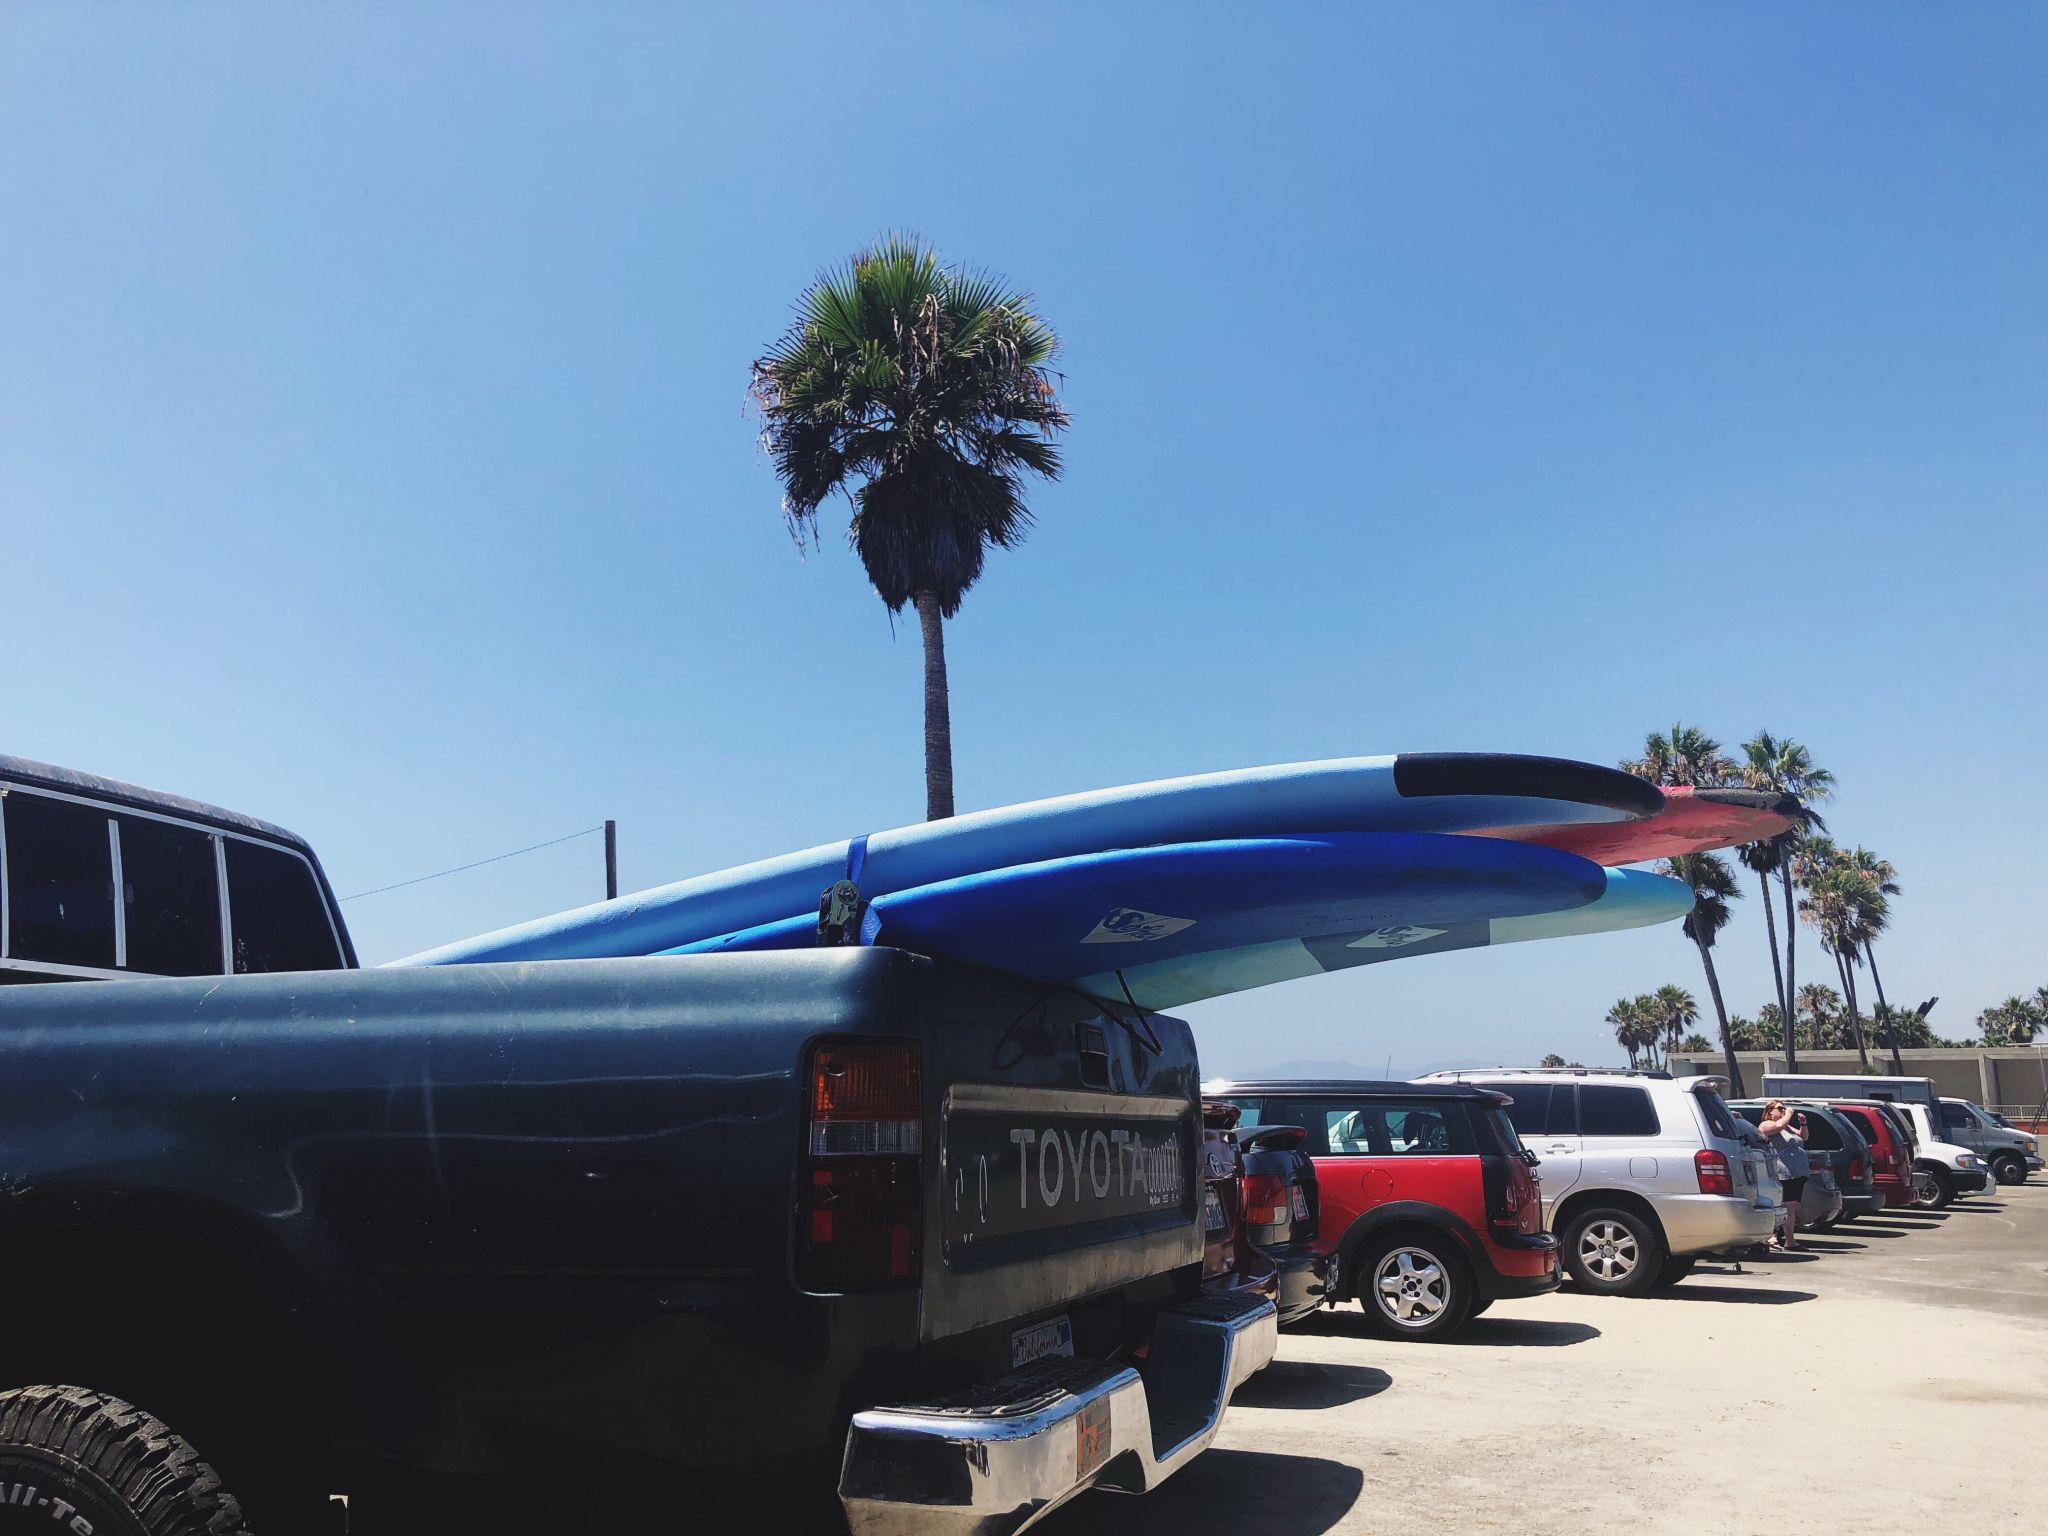 Los Angeles Tipps und Empfehlungen - Venice Beach Parken - Reiseblog ü 40